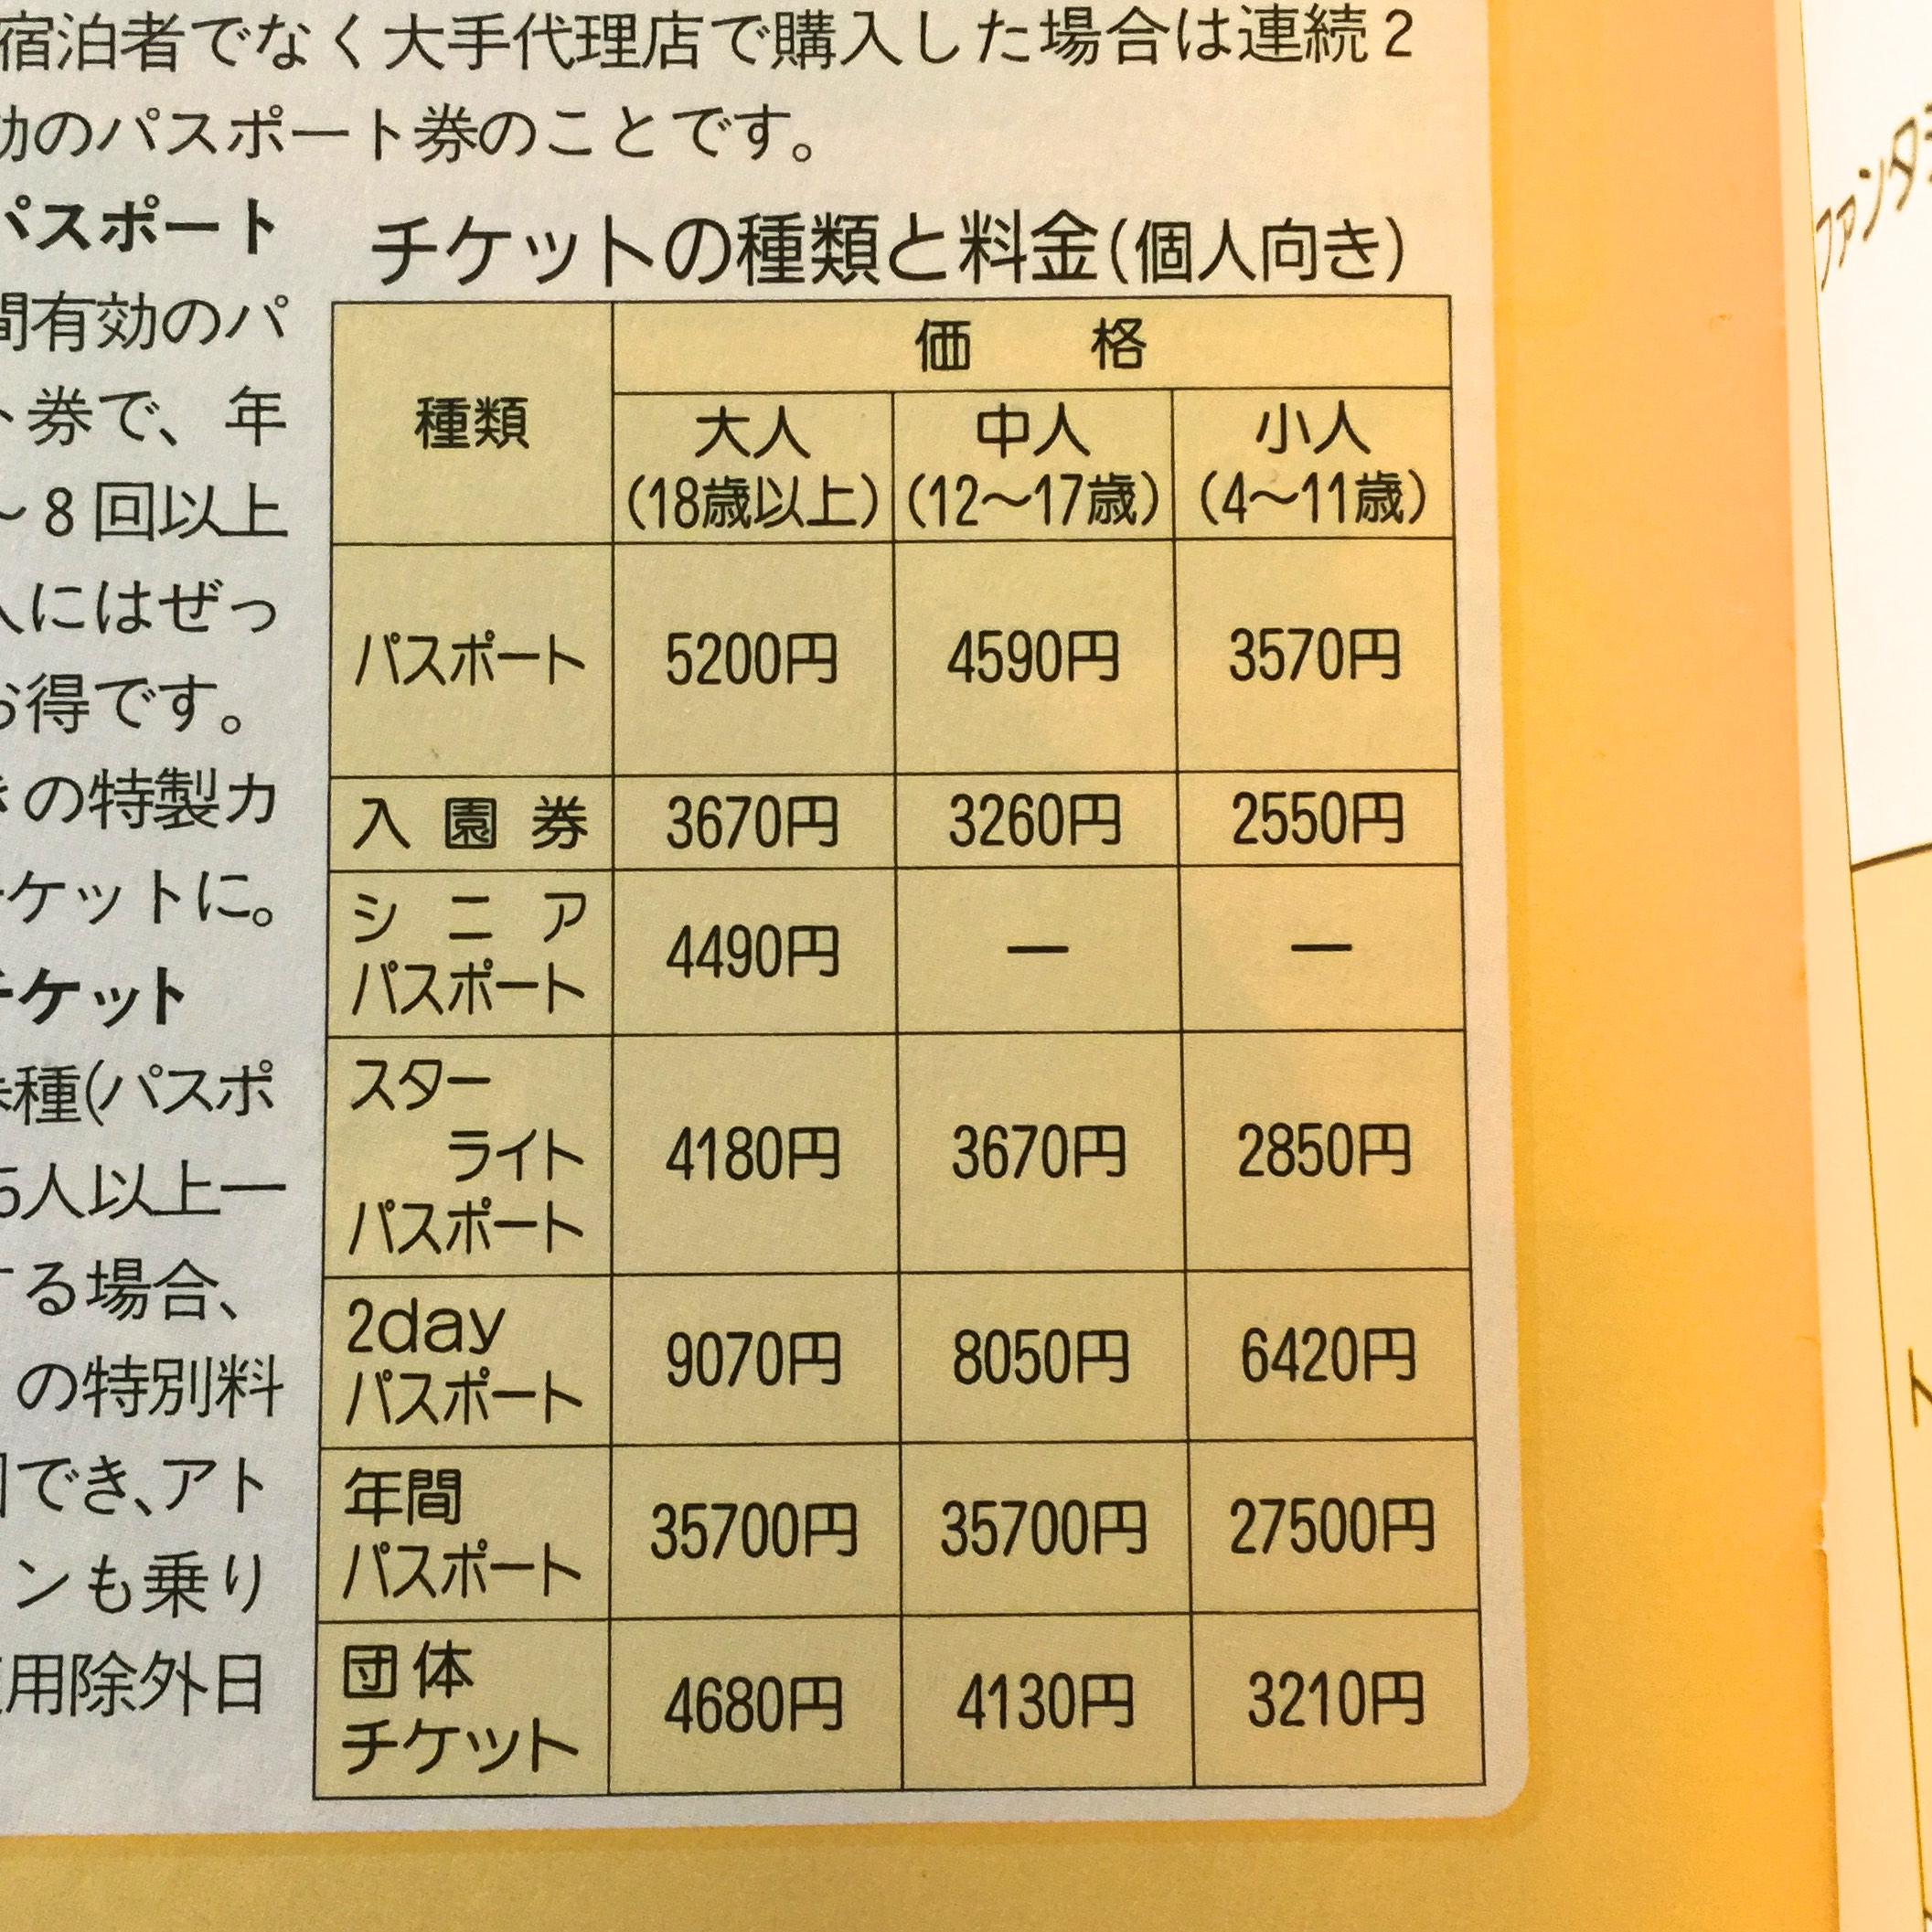 「東京ディズニーランド」「東京ディズニーシー」チケット料金が改定